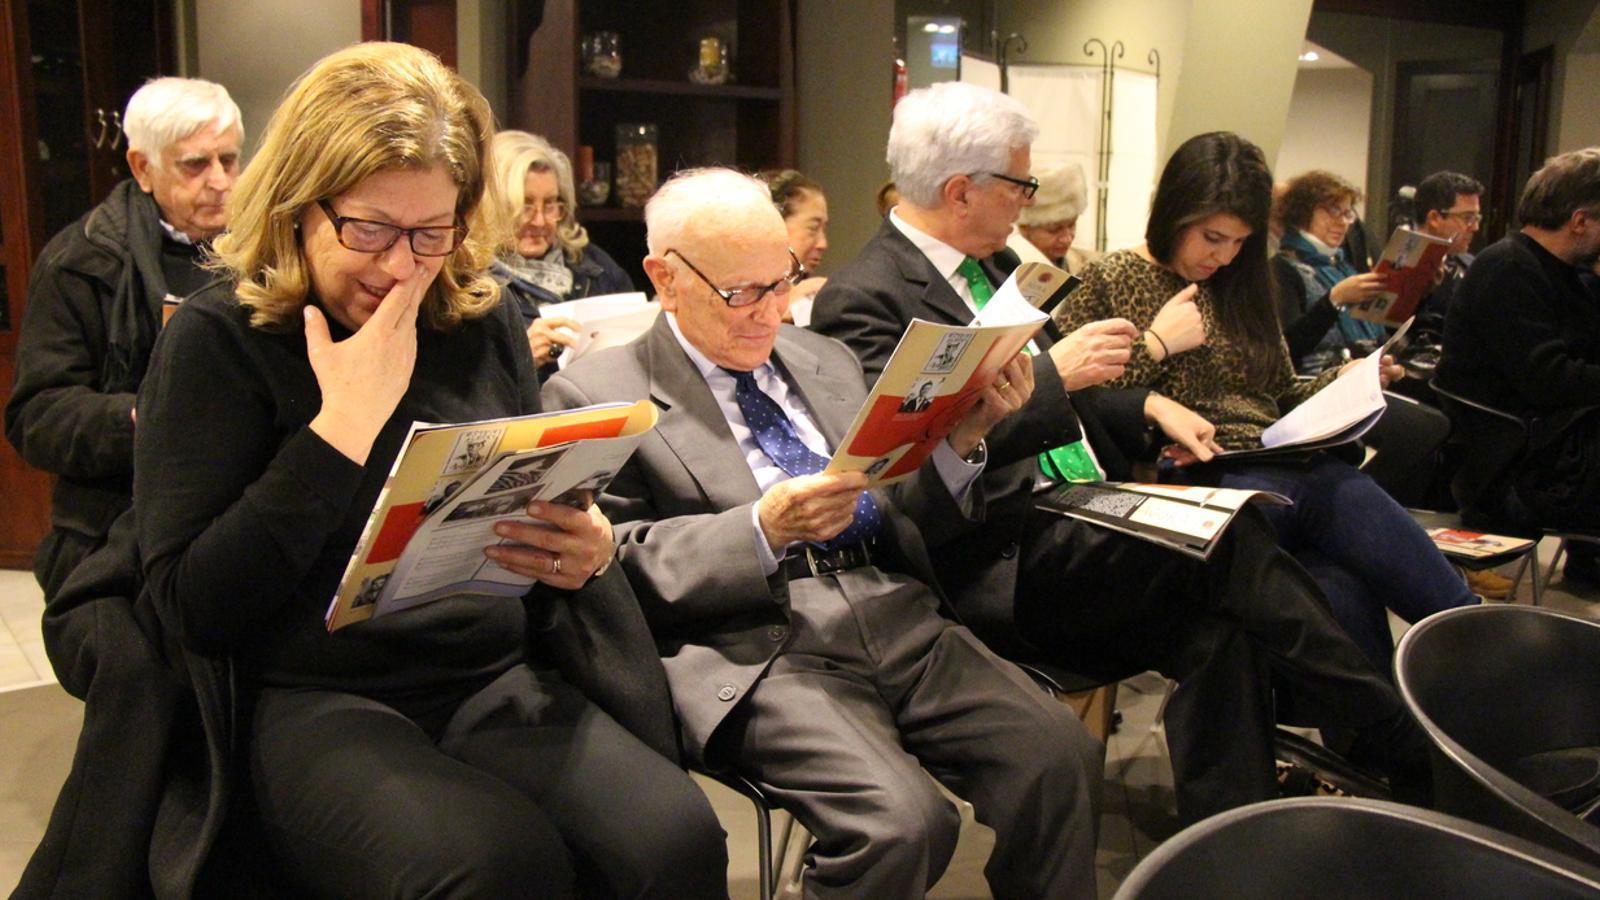 Francesc Badia, un dels premiats l'any 2013, fulleja la revista junt a alguns familiars